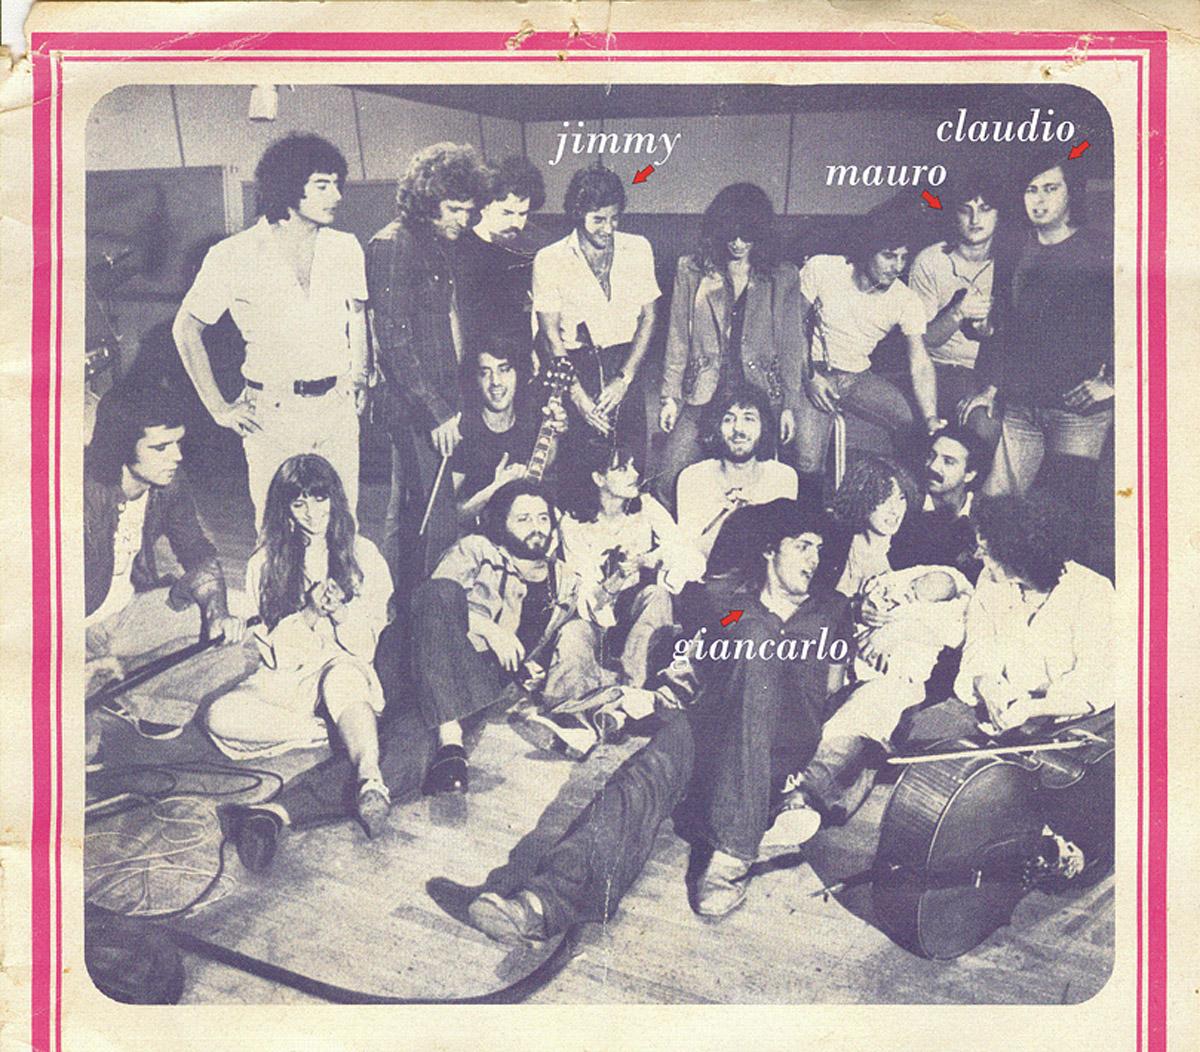 Anni 70 - Jimmy con Mauro, Claudio e Giancarlo Balestra negli studi RCA con i Pandemonium